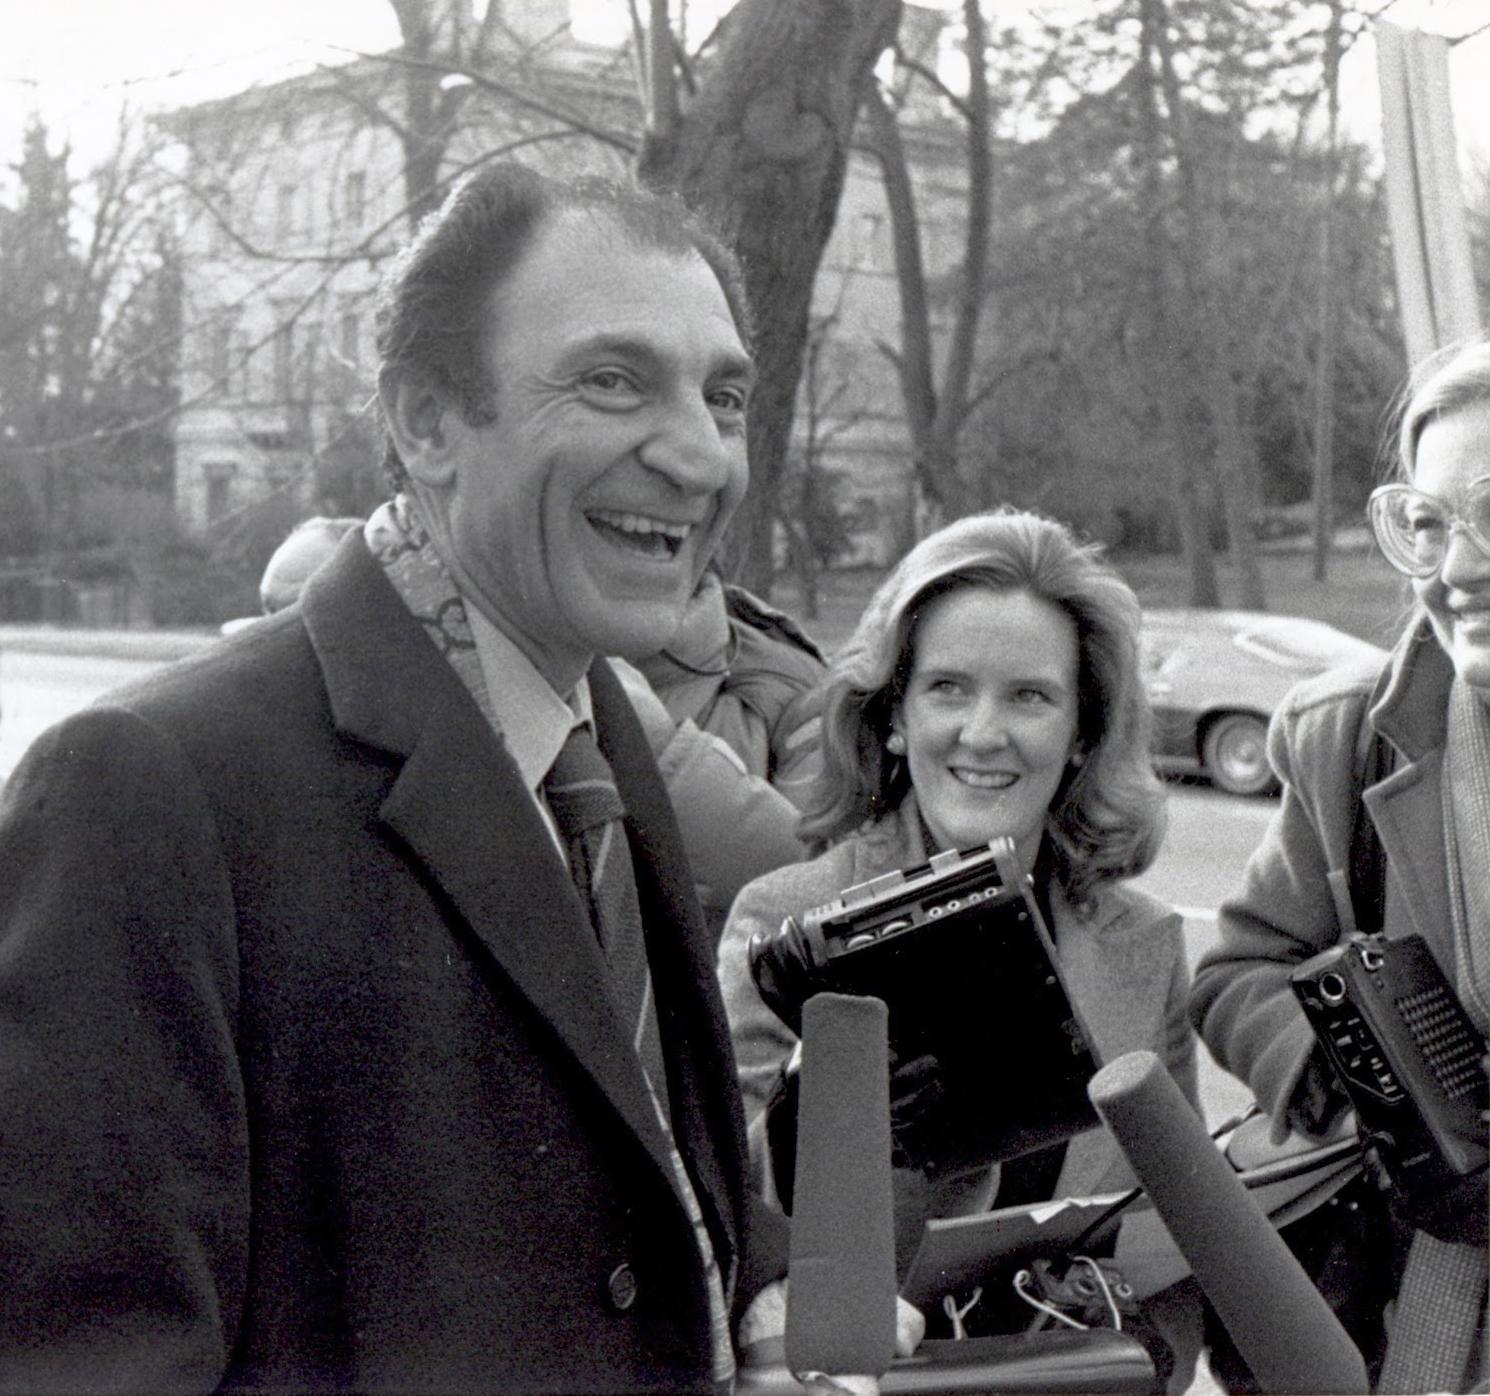 Ardeshir Zahedi outside the Iranian Embassy 1978